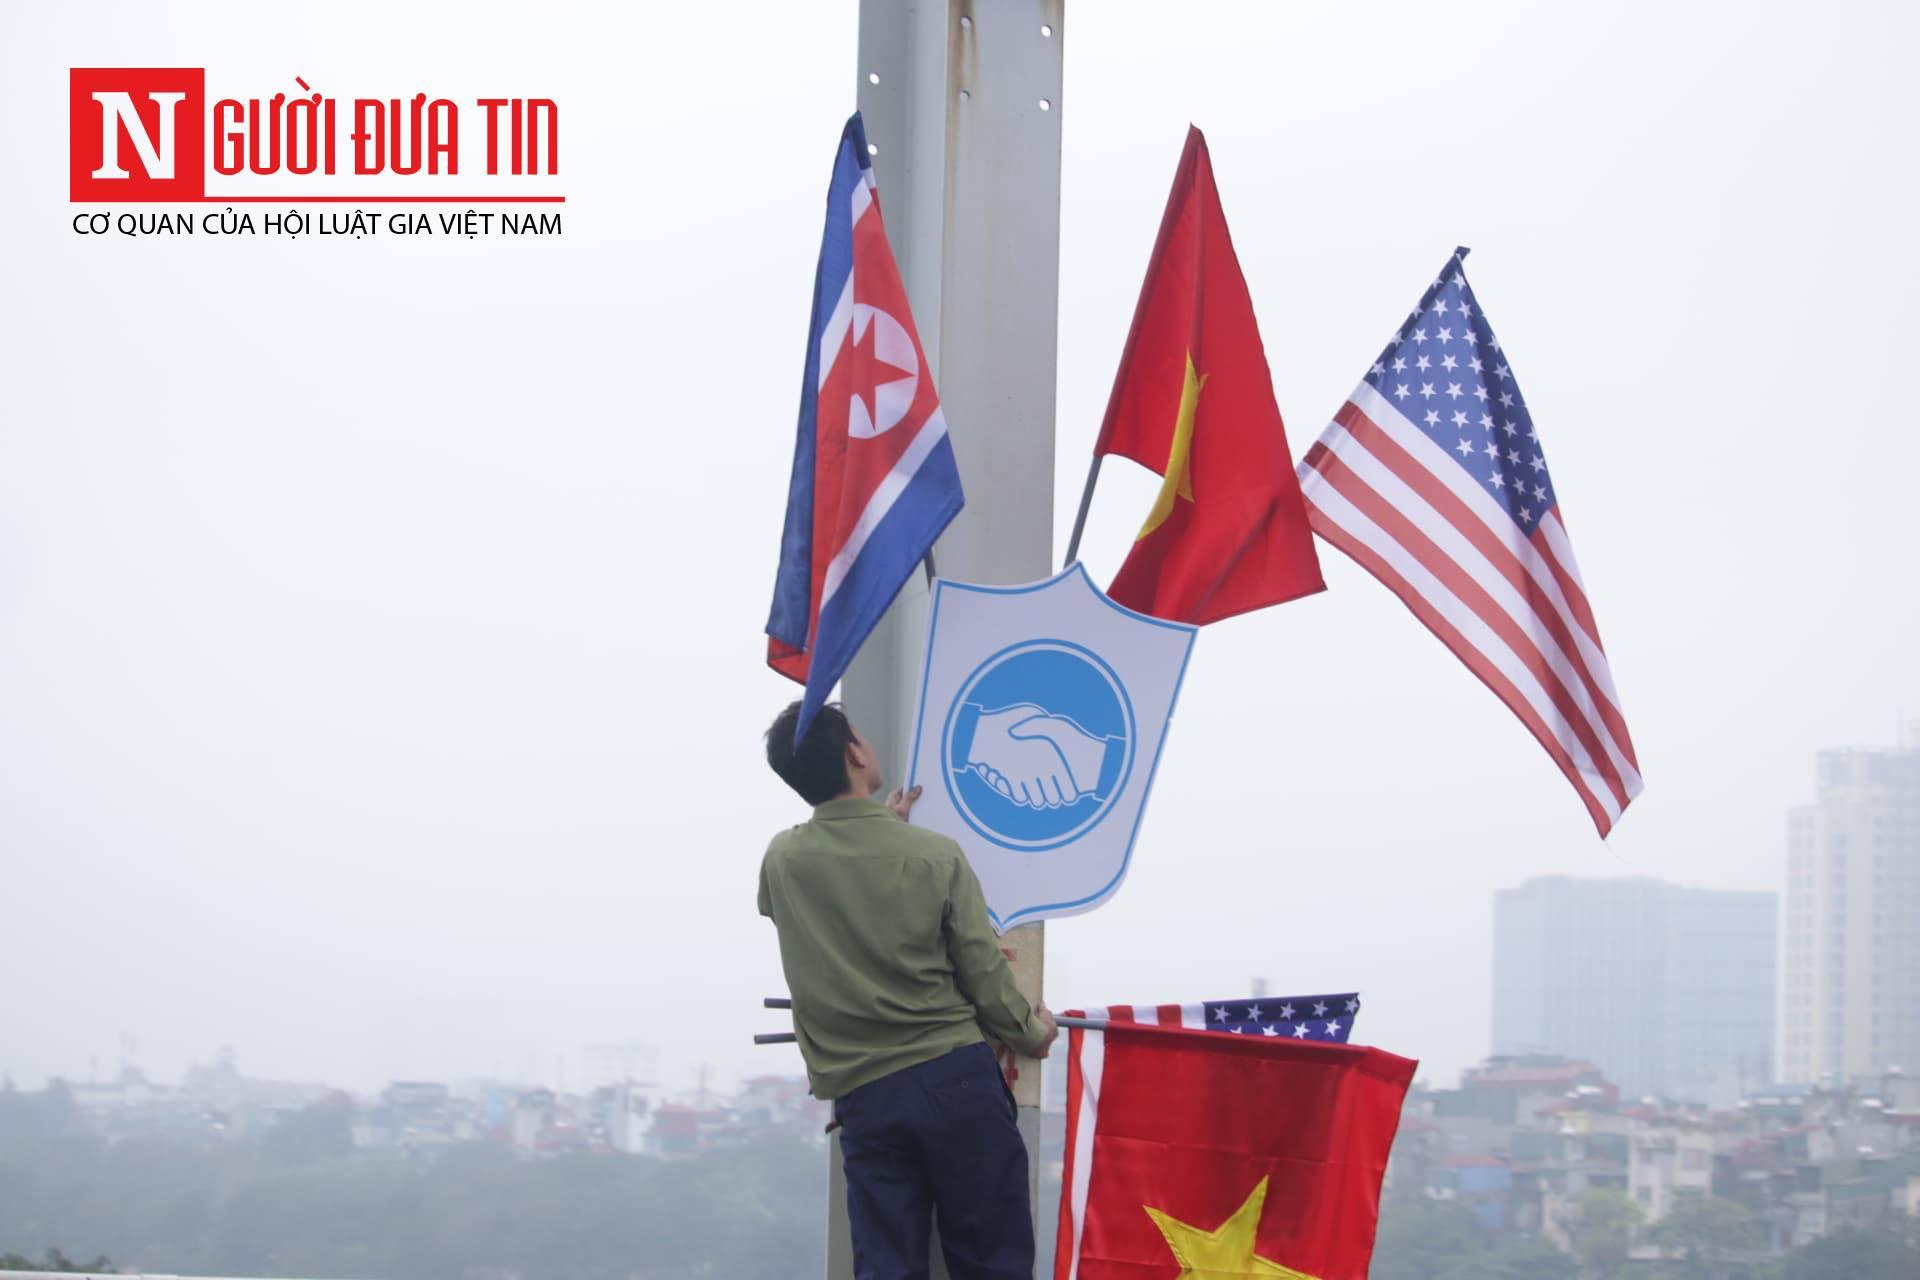 [Trực tiếp] Cận cảnh lực lượng an ninh dày đặc quanh khách sạn nơi Chủ tịch Kim Jong-un vừa có mặt - Ảnh 16